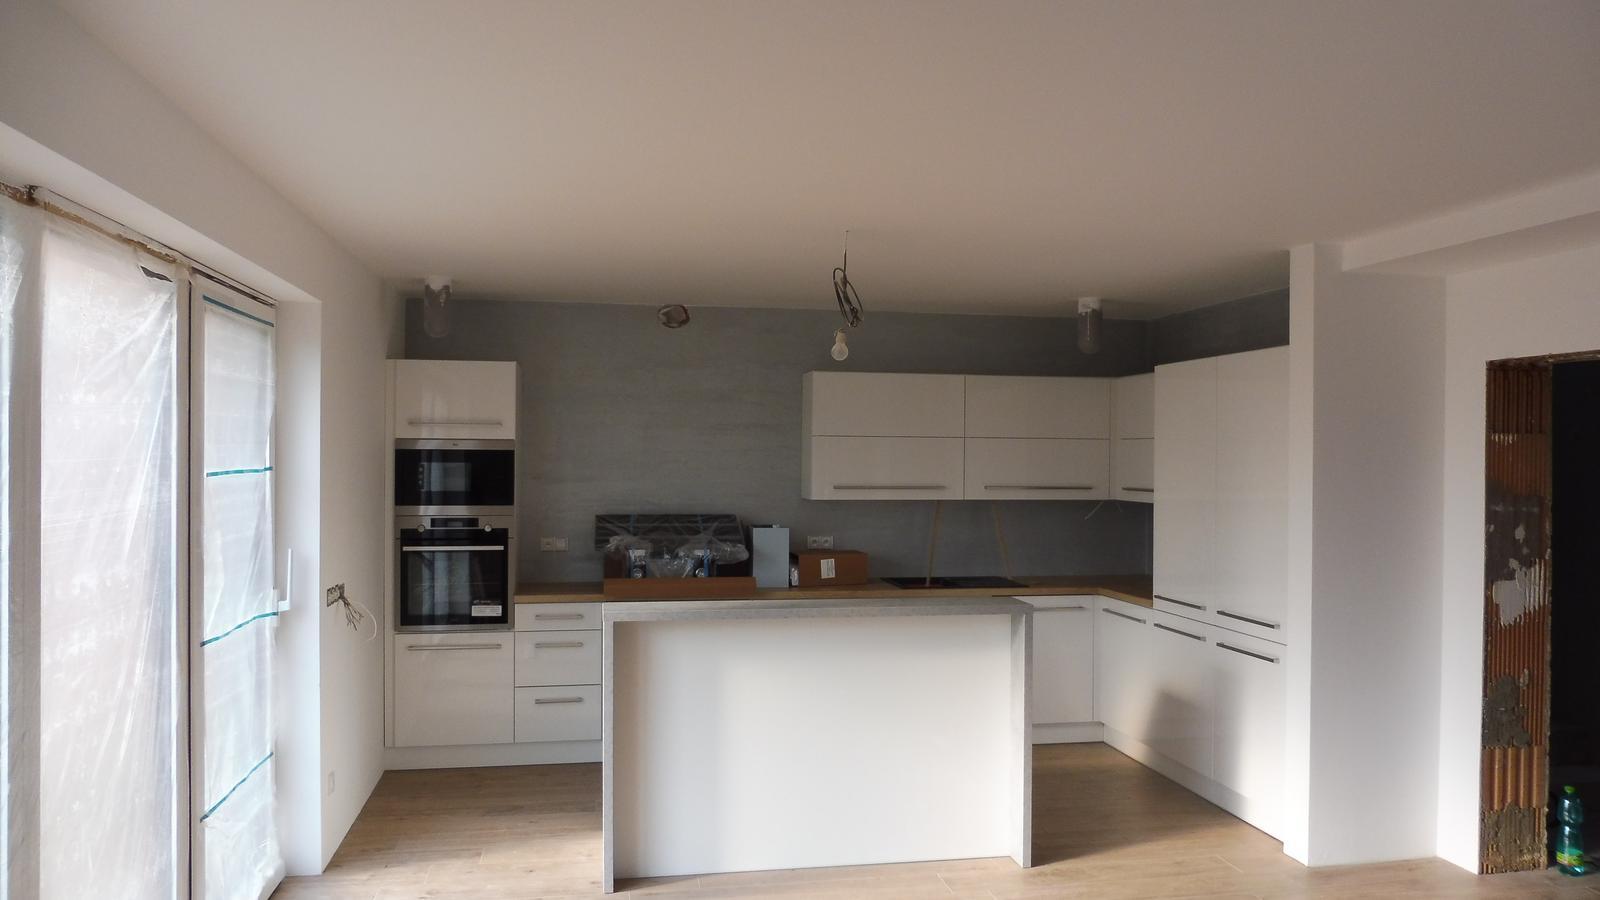 Kuchyně - Obrázek č. 21